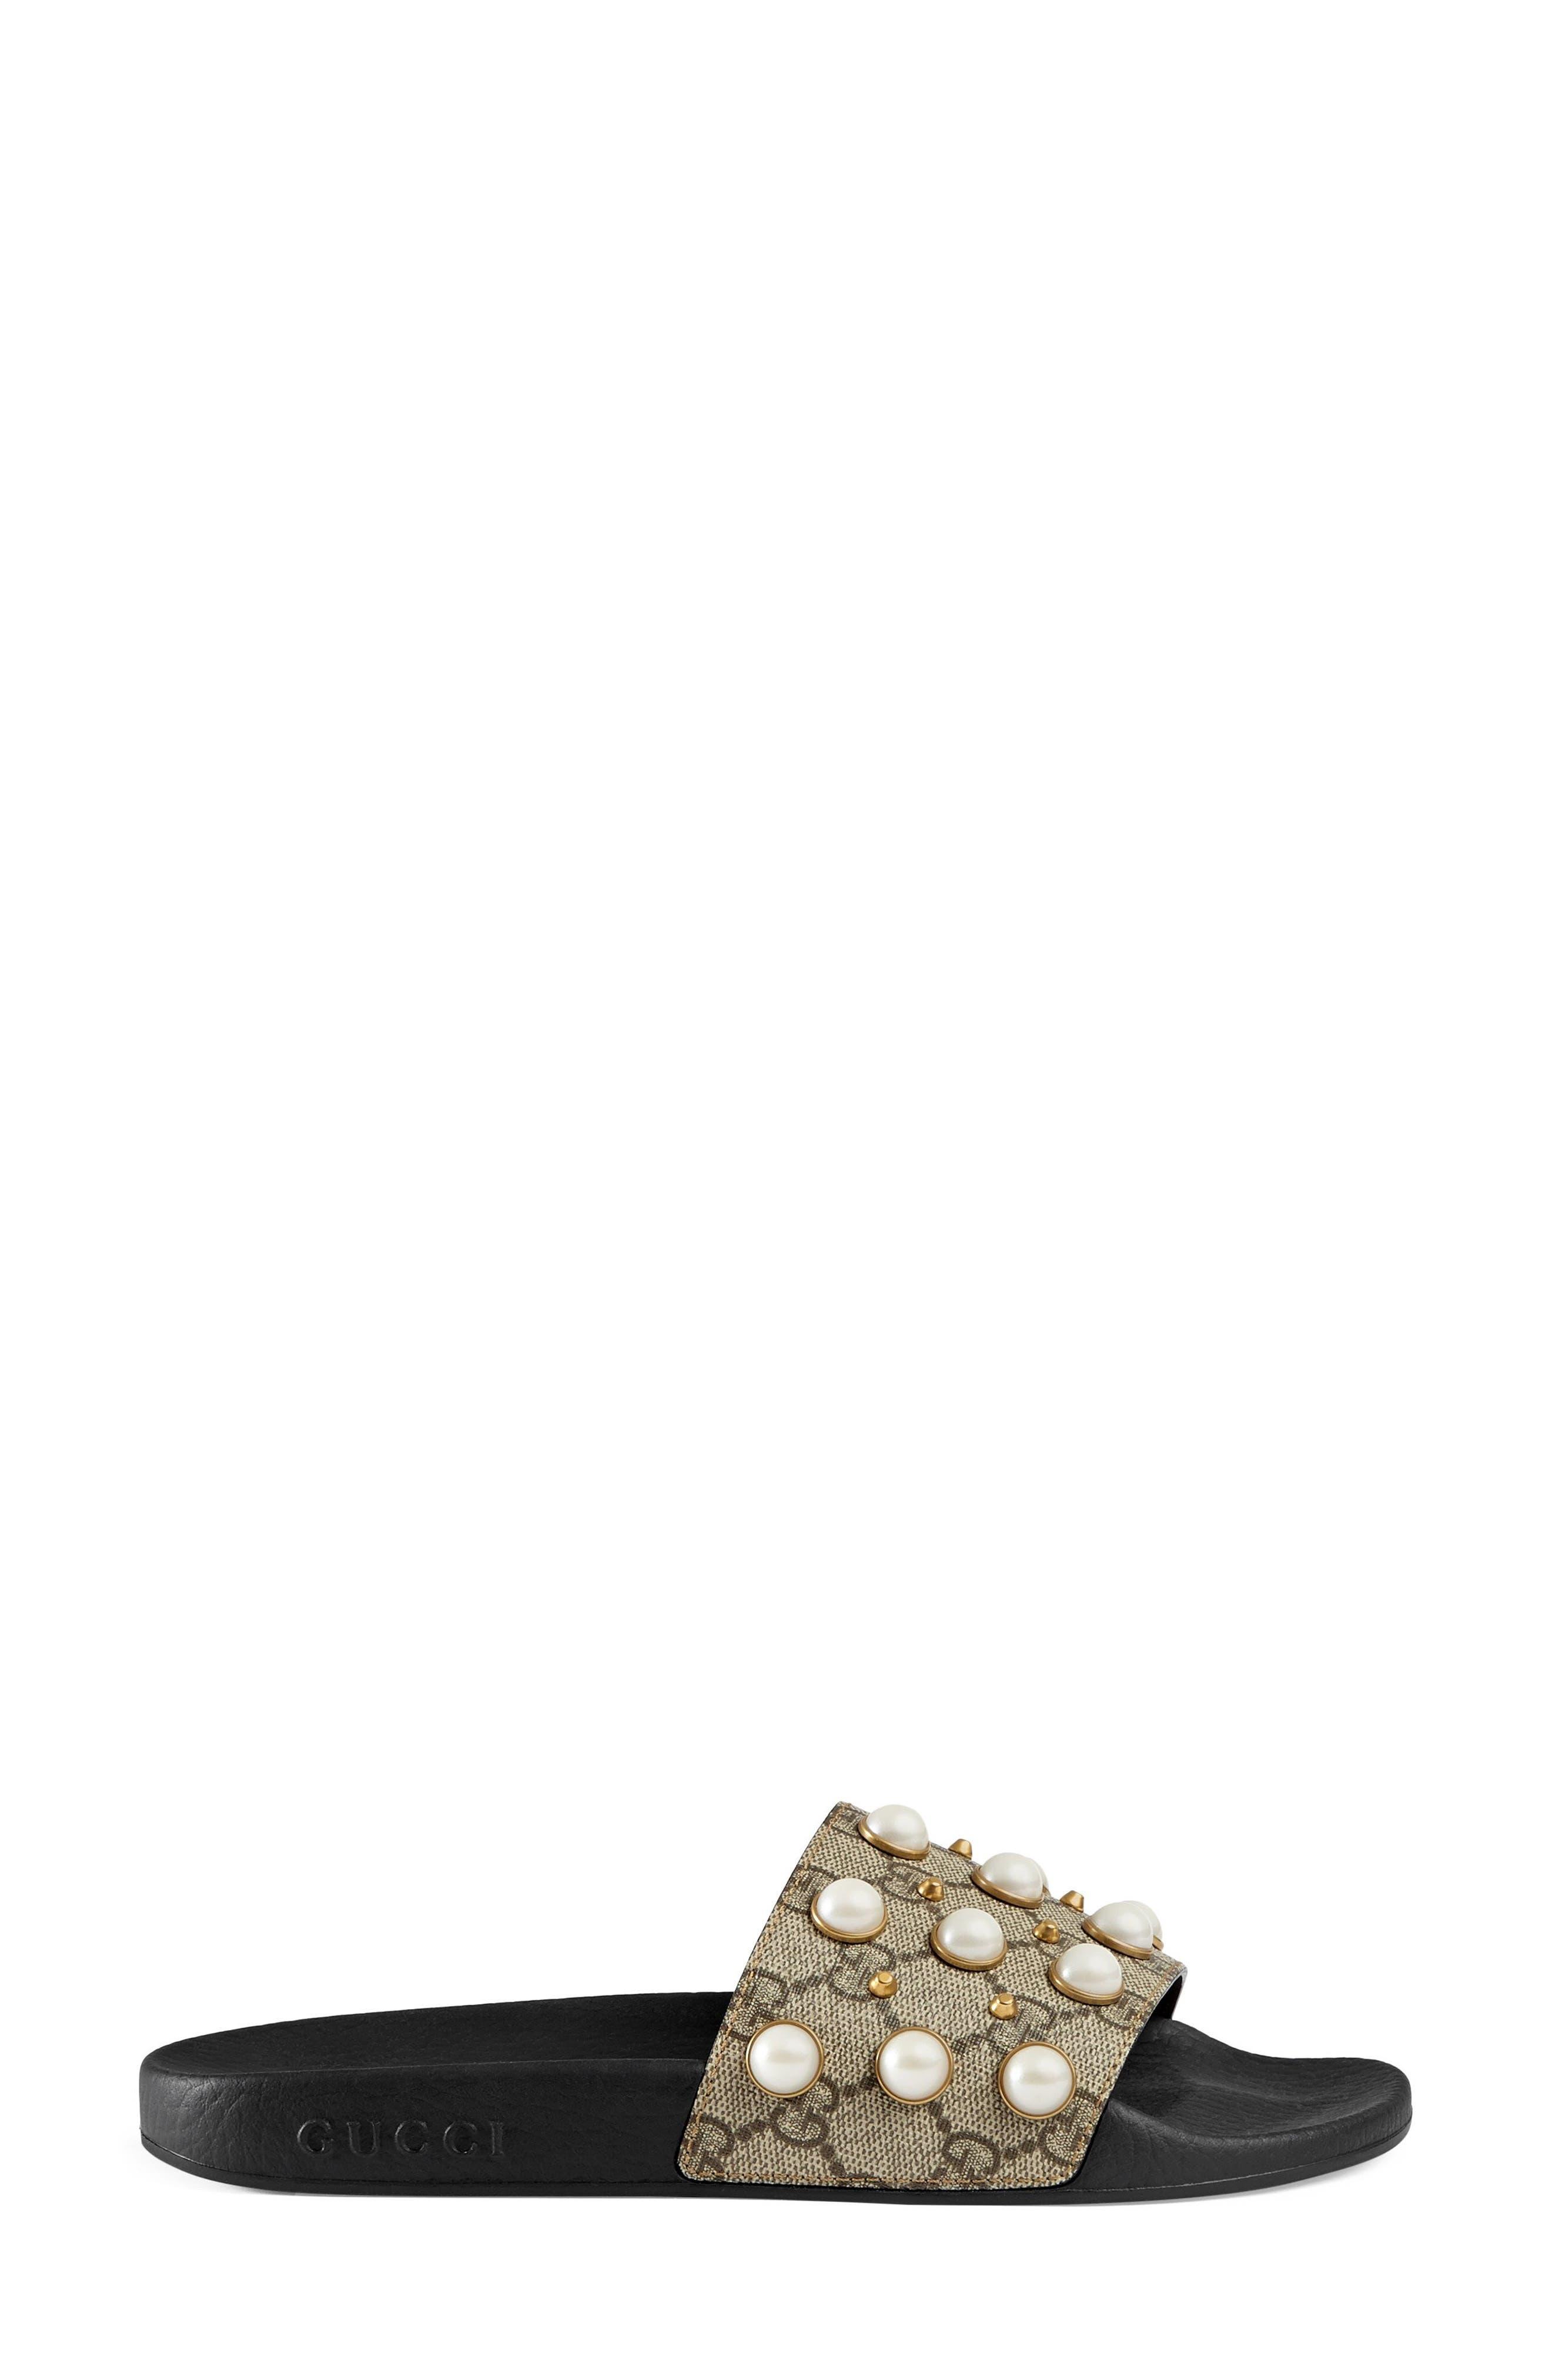 Pursuit Imitation Pearl Embellished Slide Sandal,                         Main,                         color, BEIGE